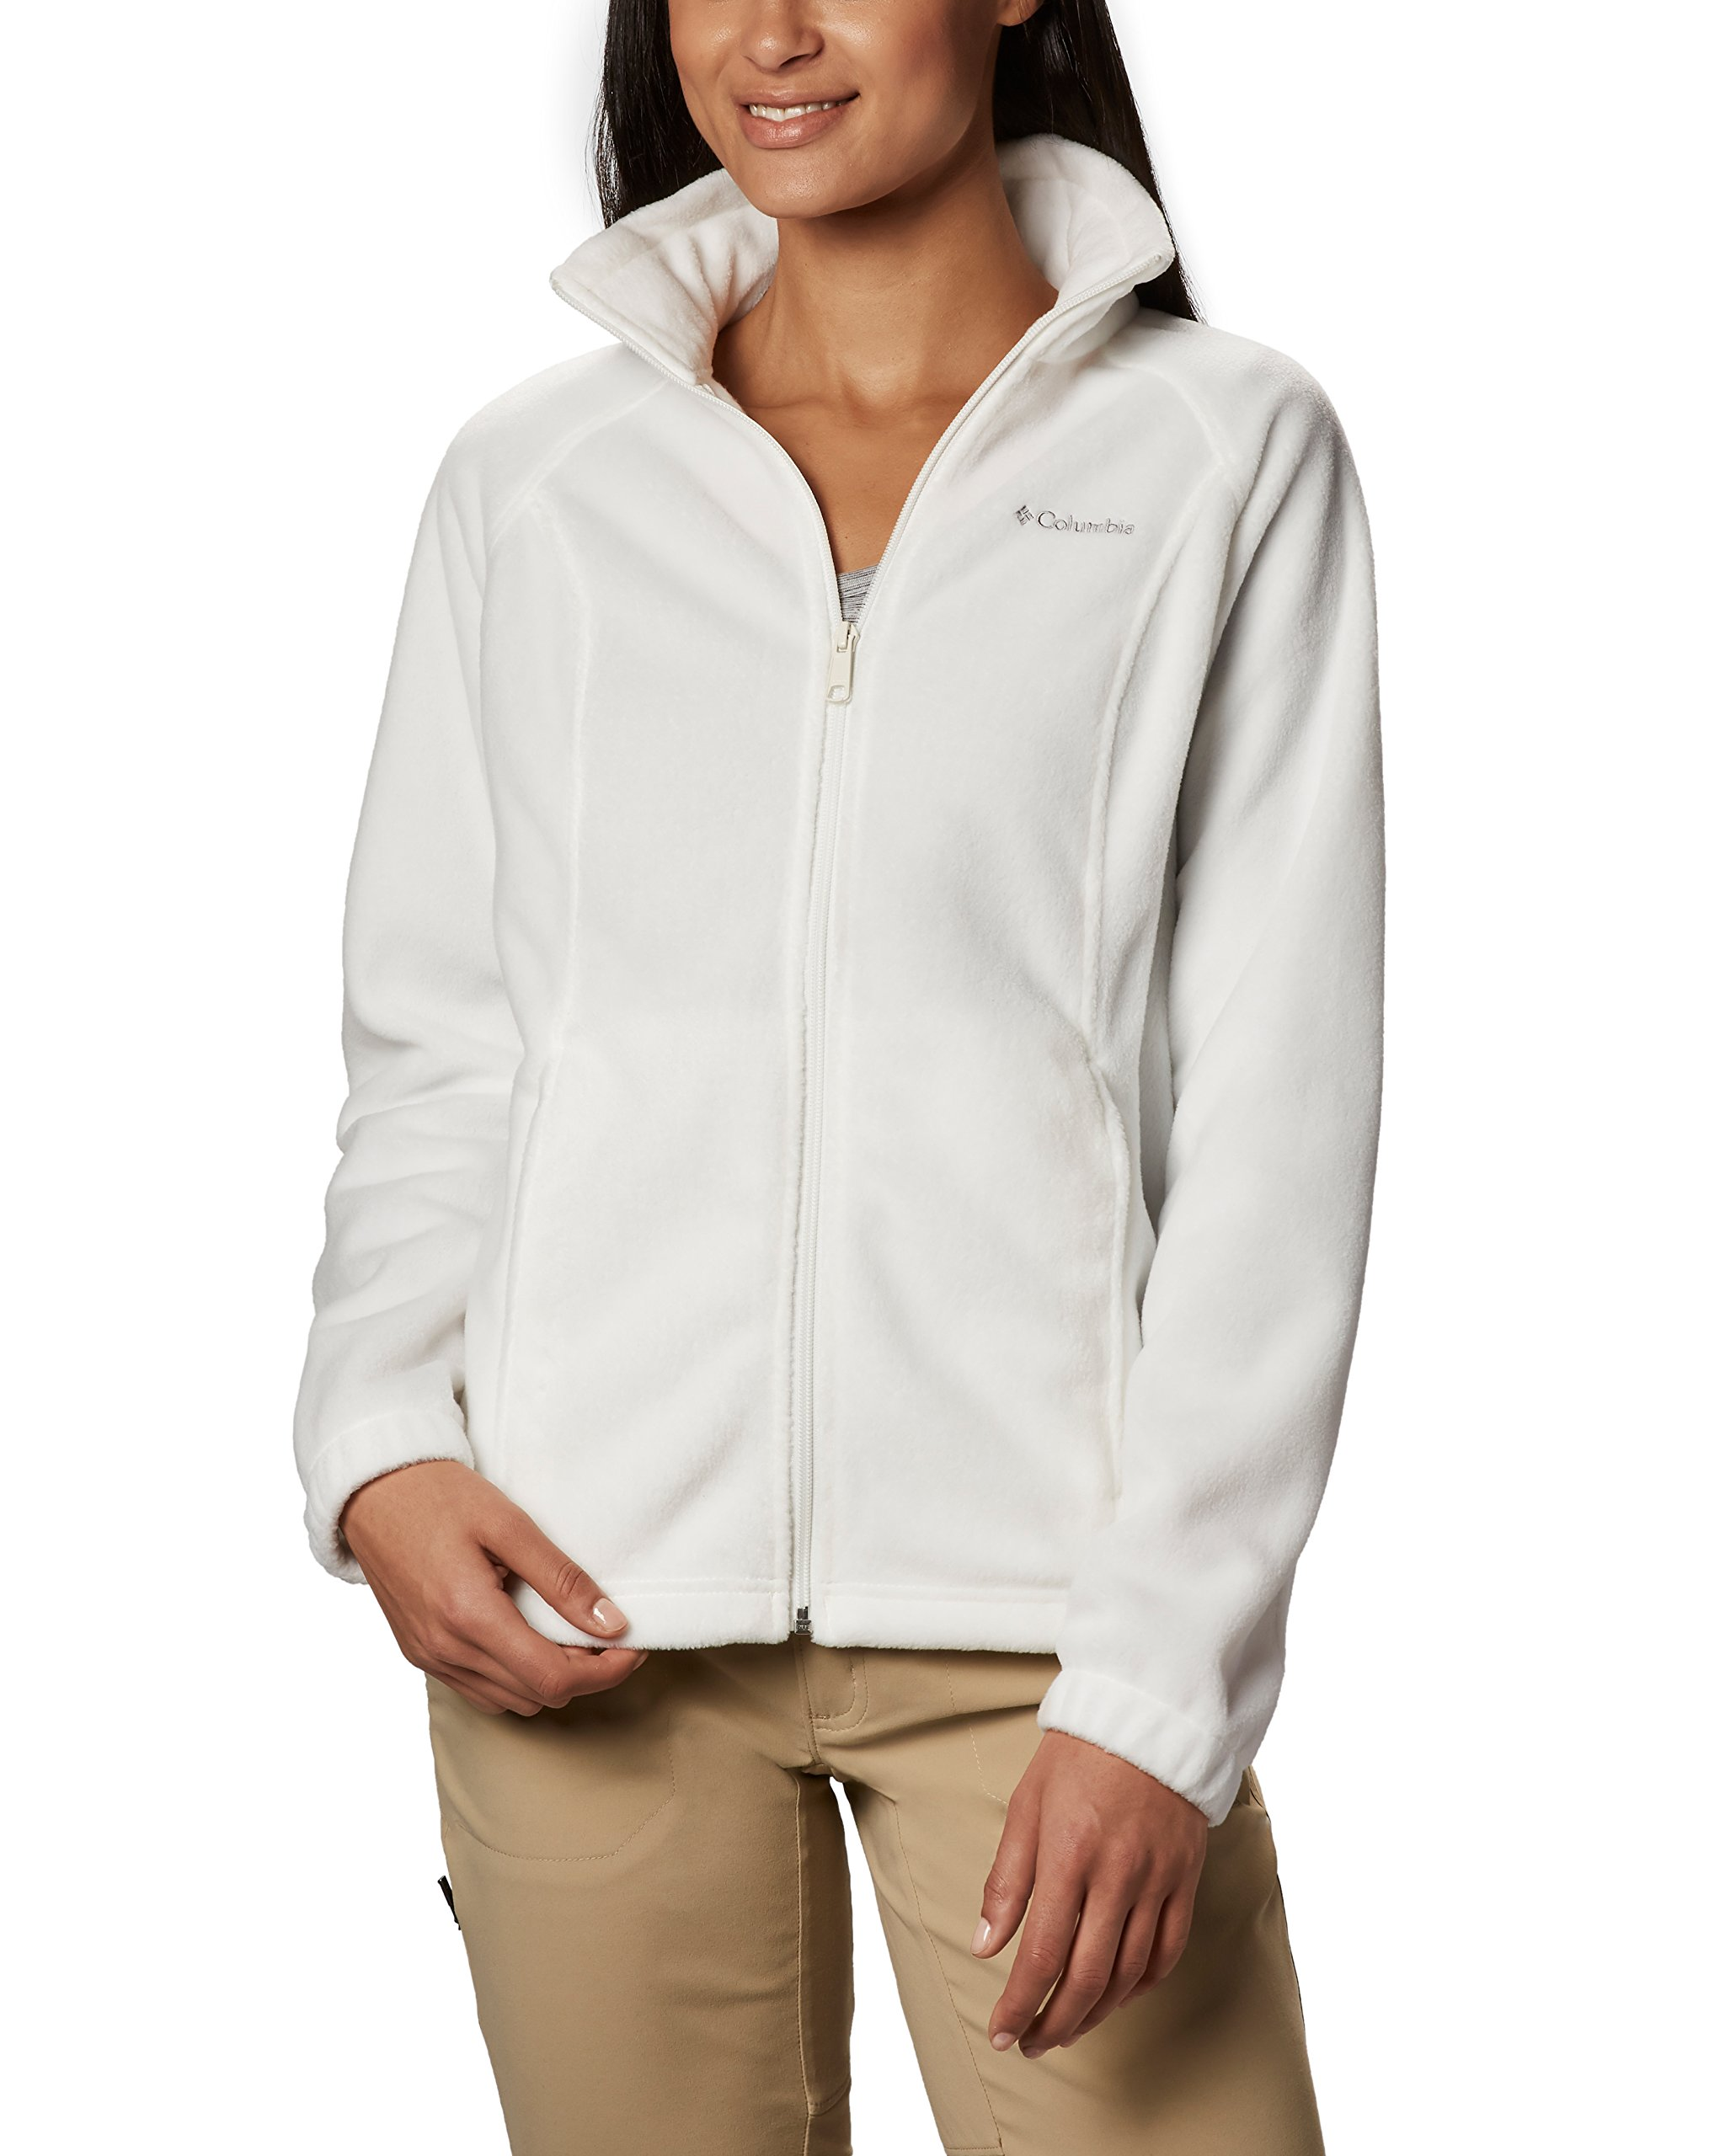 Columbia Women's Benton Springs Classic Fit Full Zip Soft Fleece Jacket, Sea Salt XS